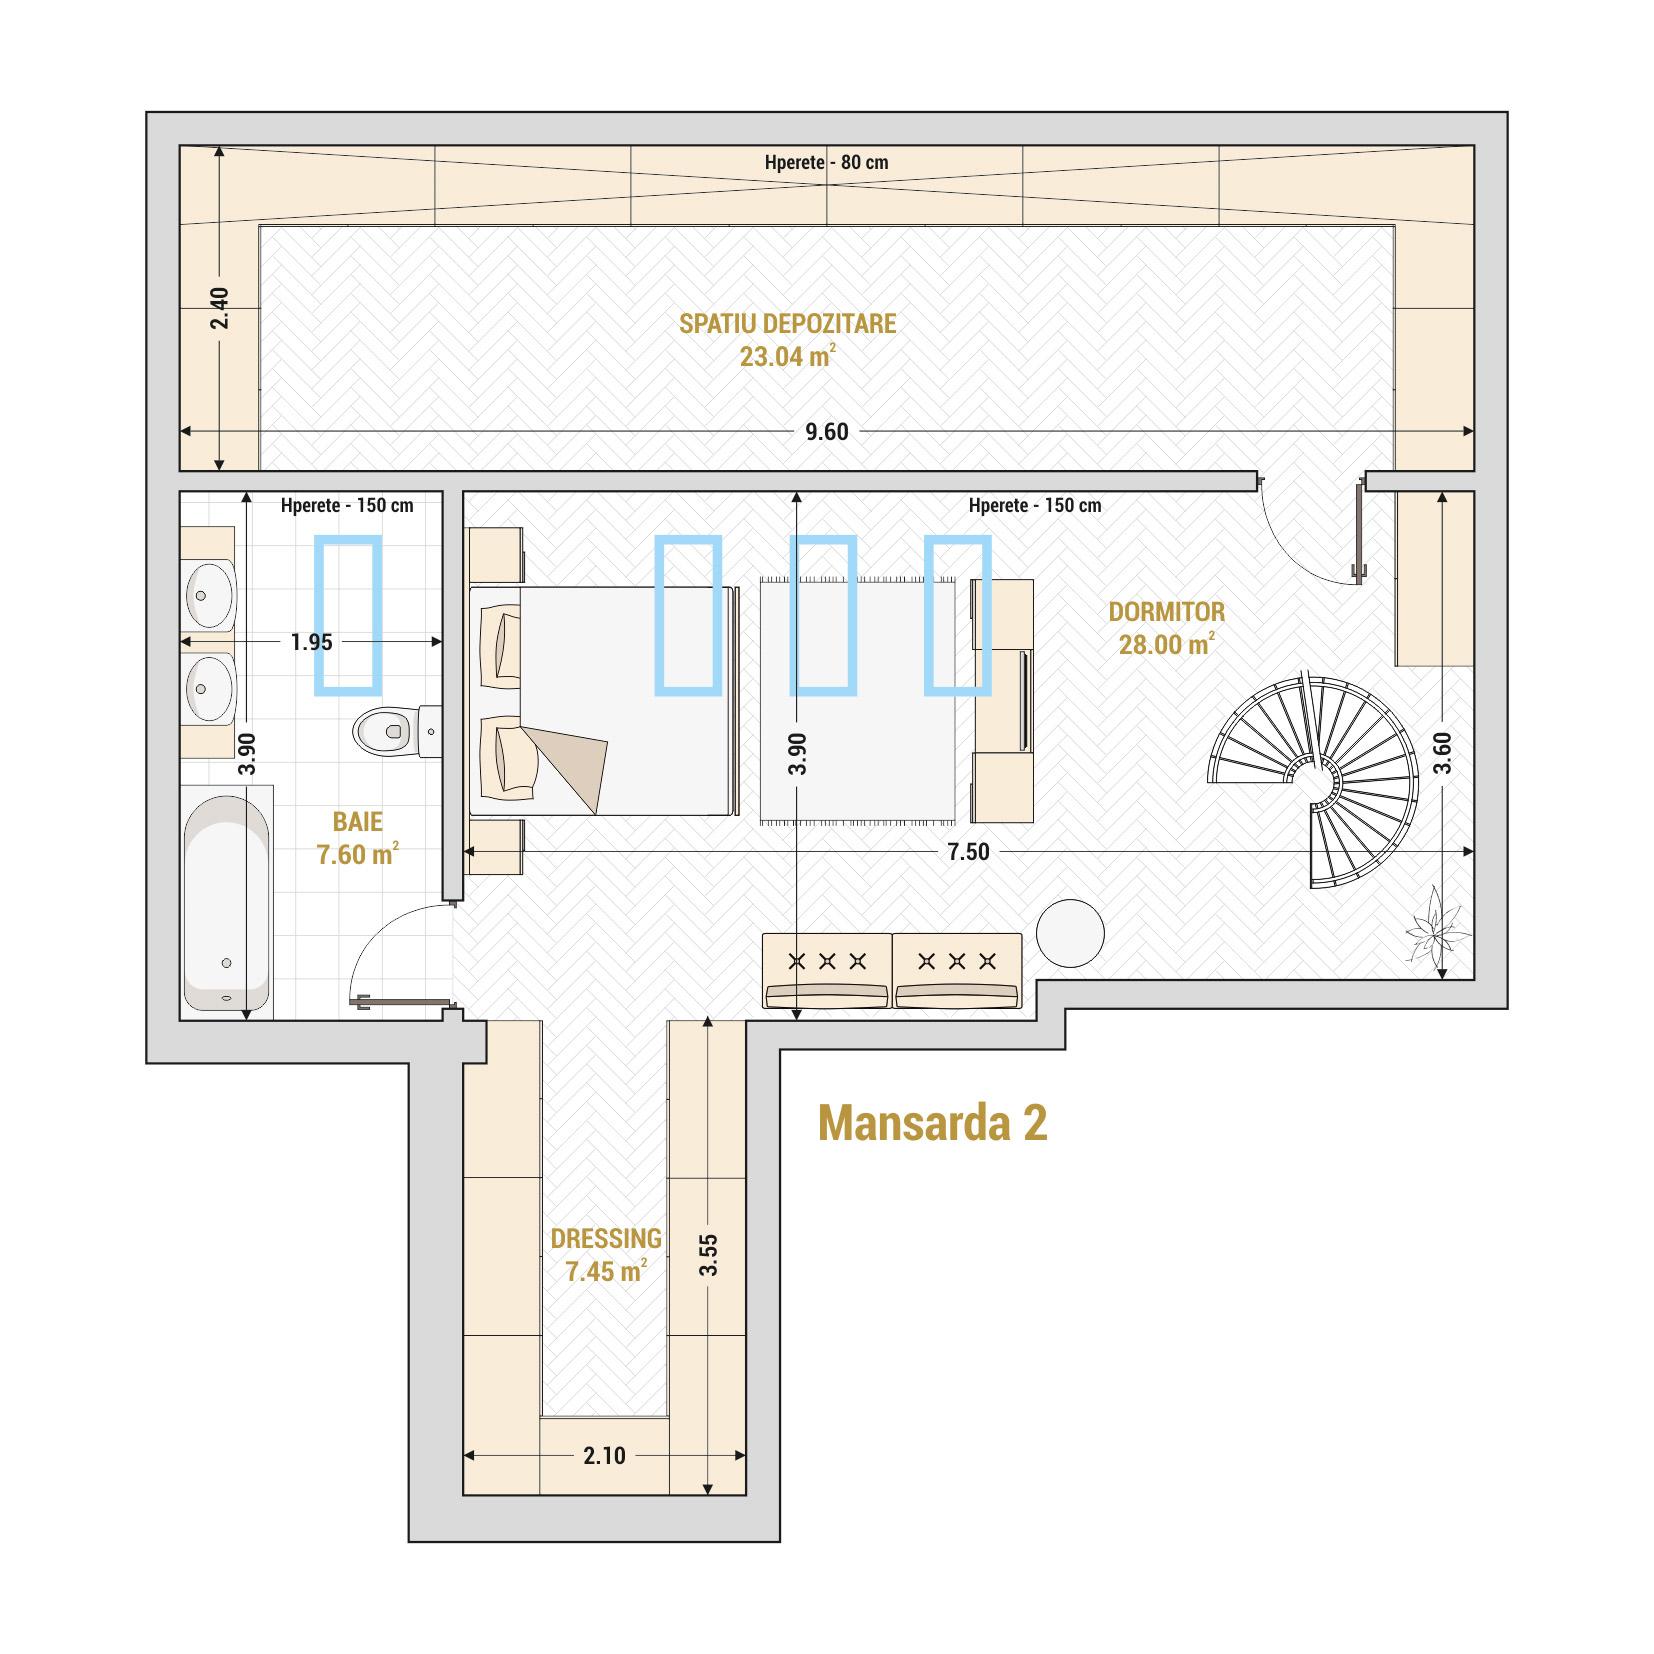 Duplex-3-Camere-Gheorghieni-Marriott-Unirii-13-Septembrie-Izvor-Catedrala-Mantuirii-Neamului-T2A - B